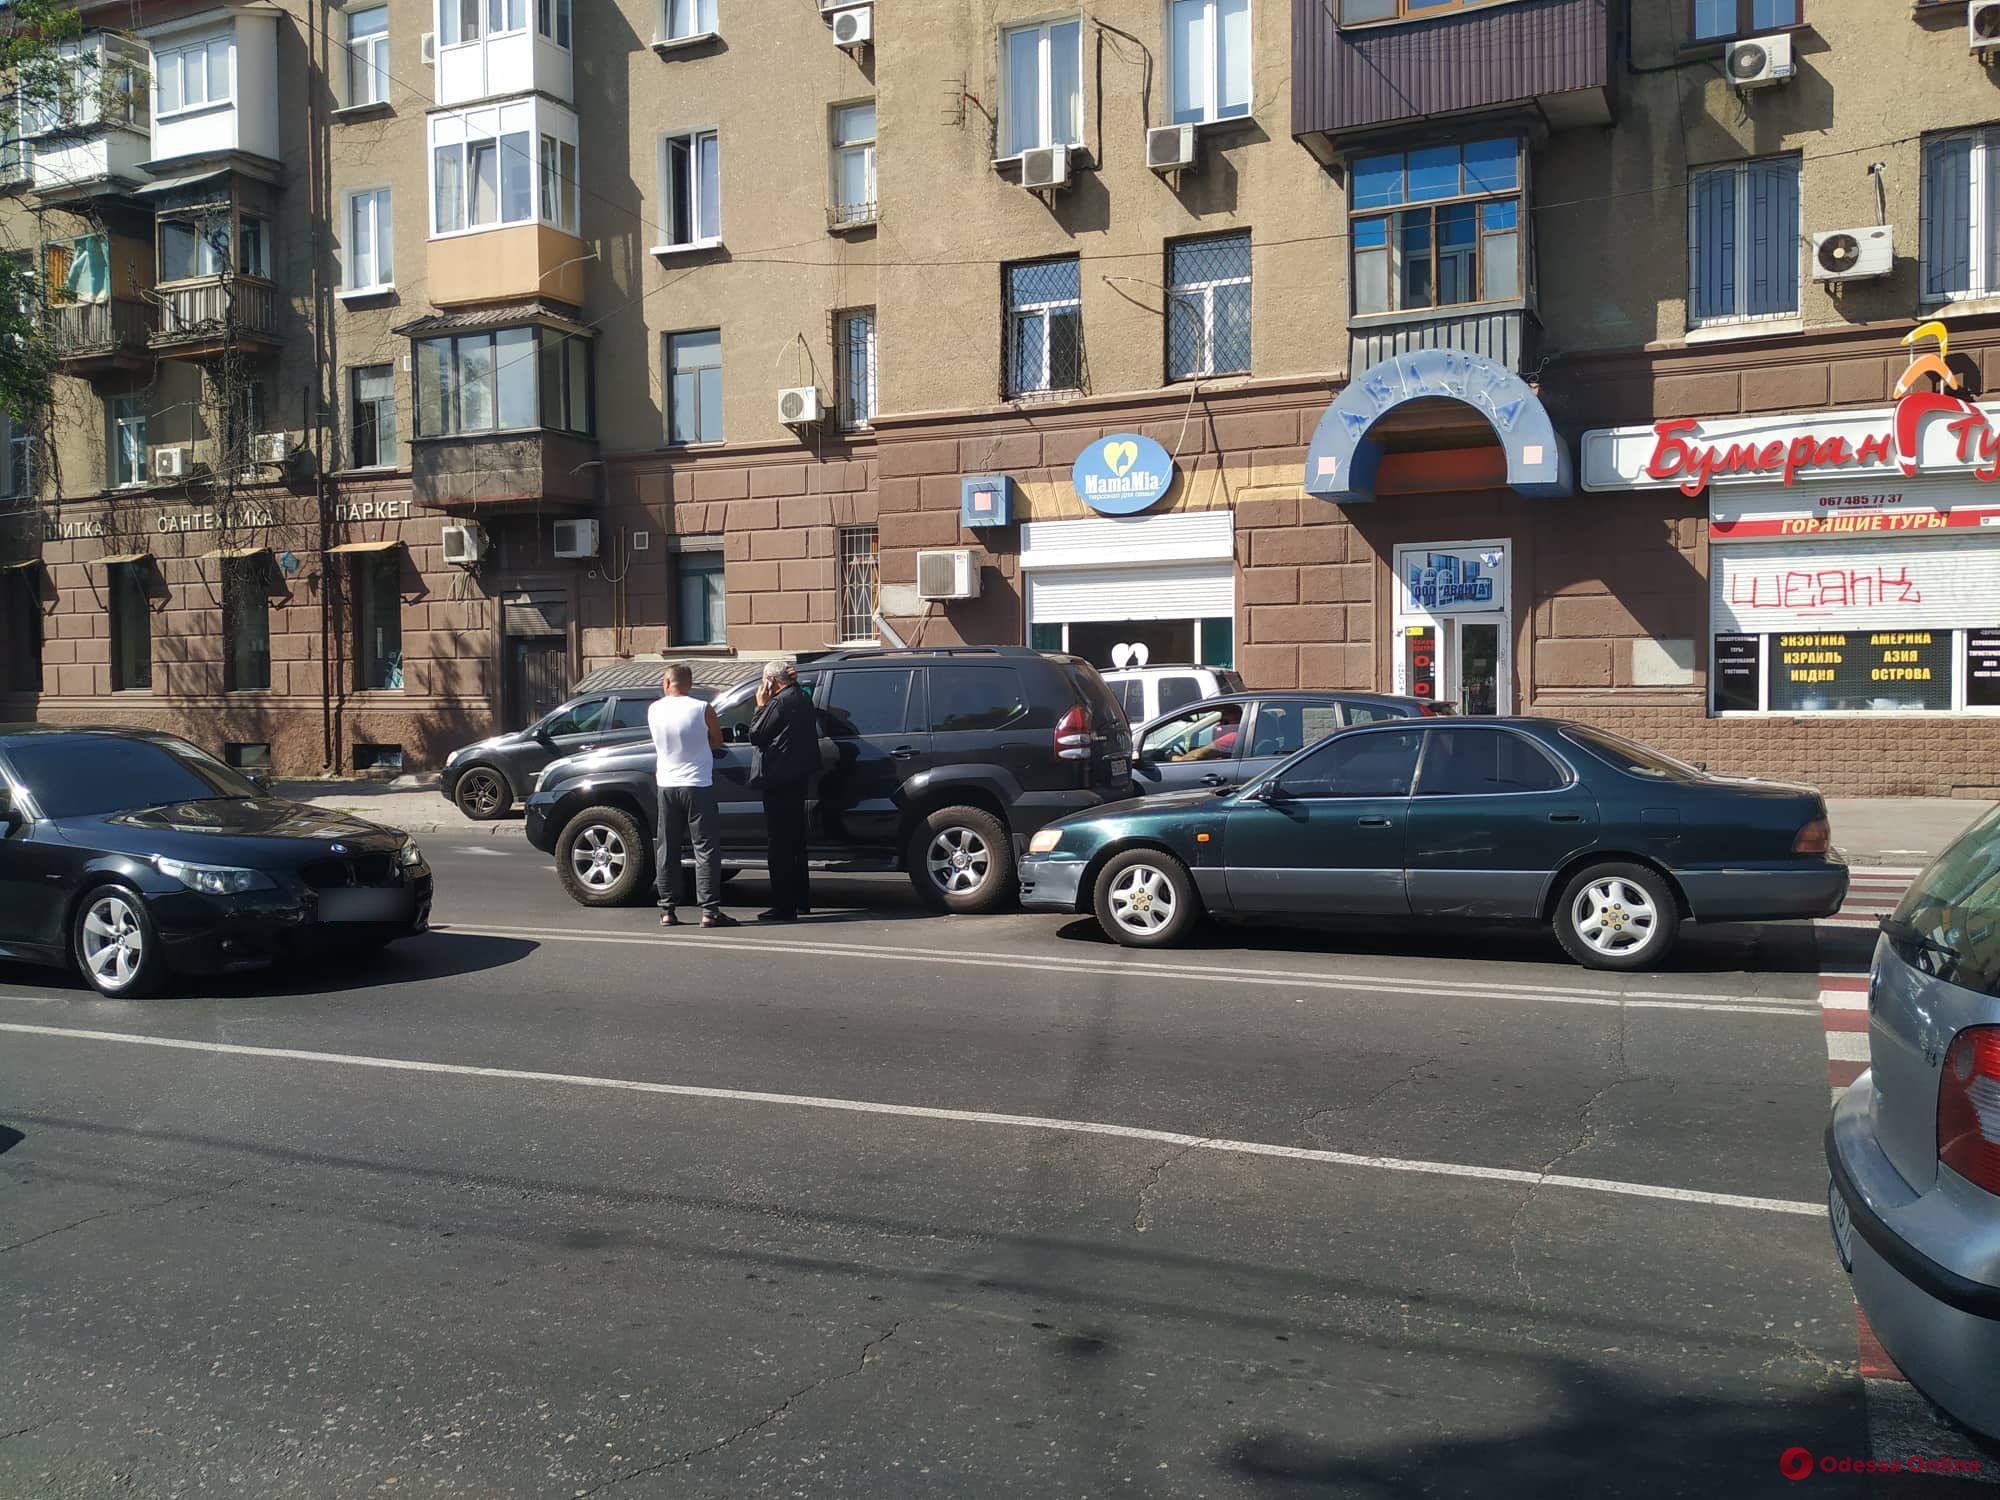 Из-за ДТП на Среднефонтанской образовалась пробка (фото)